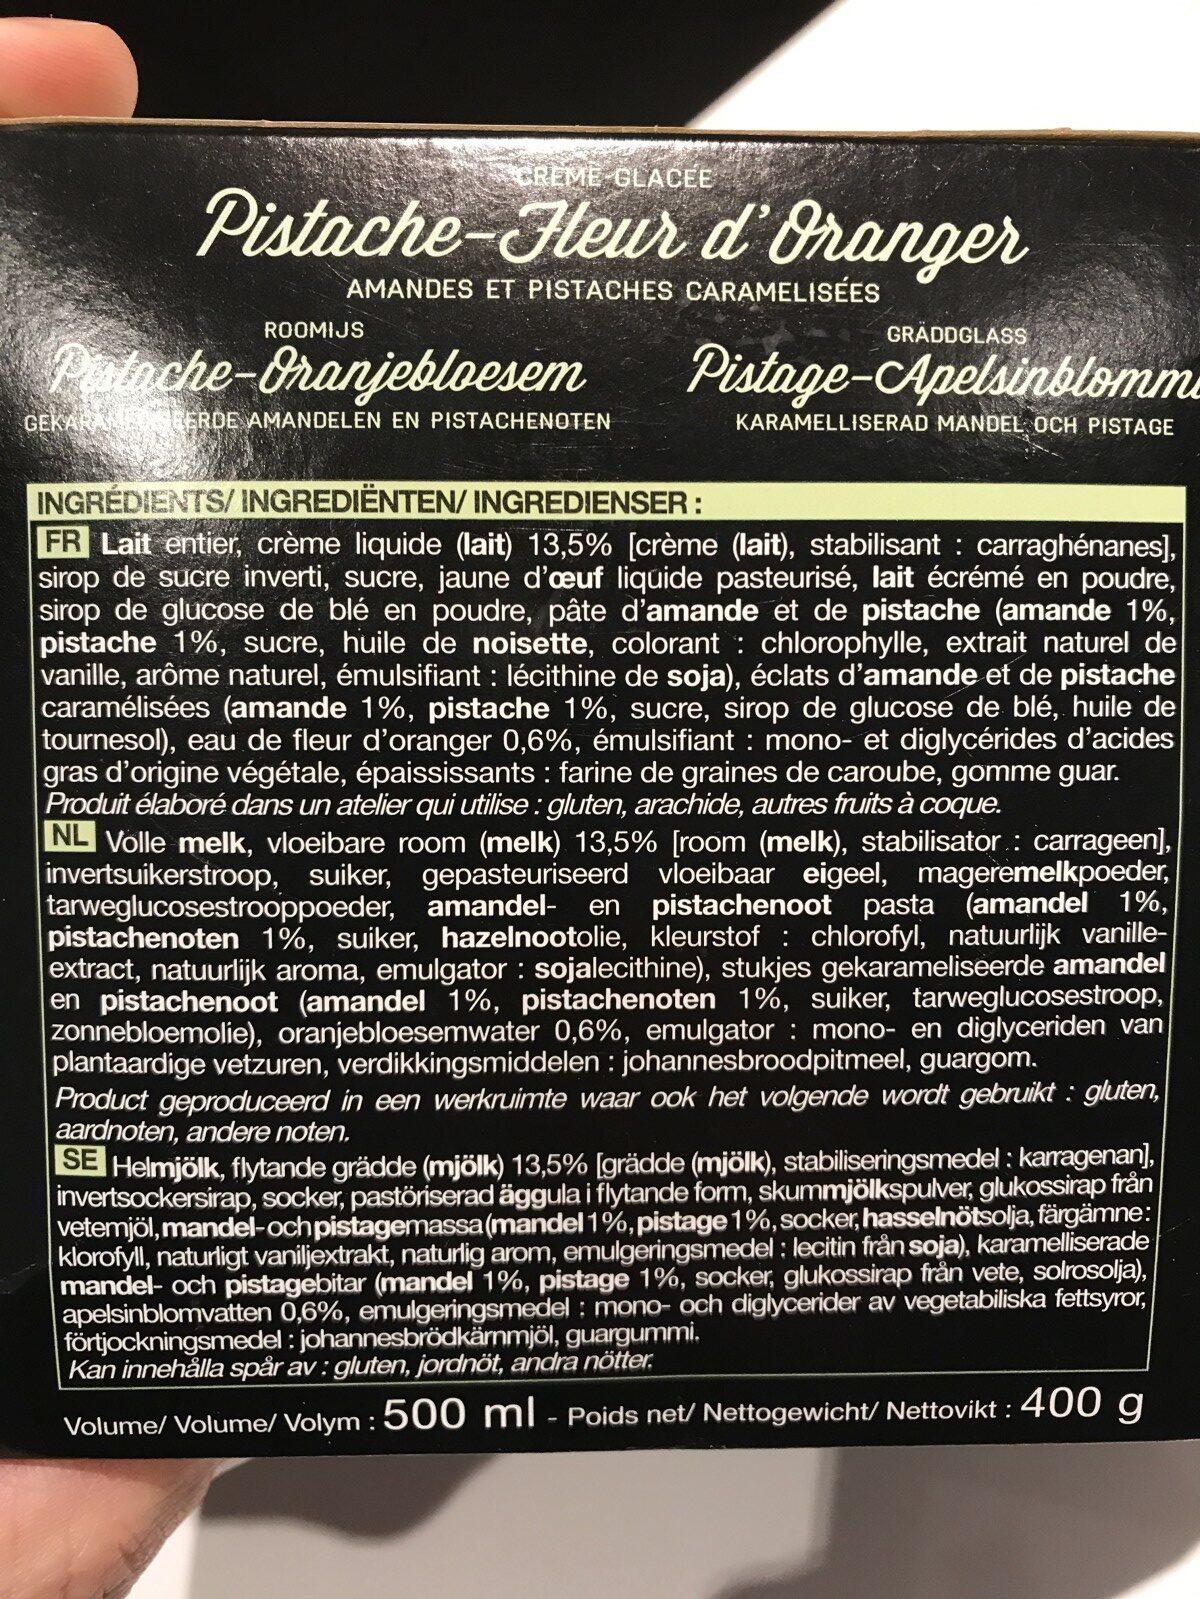 Creme glacée Pistache Fleur d'oranger - Amandes et pistaches - Ingrediënten